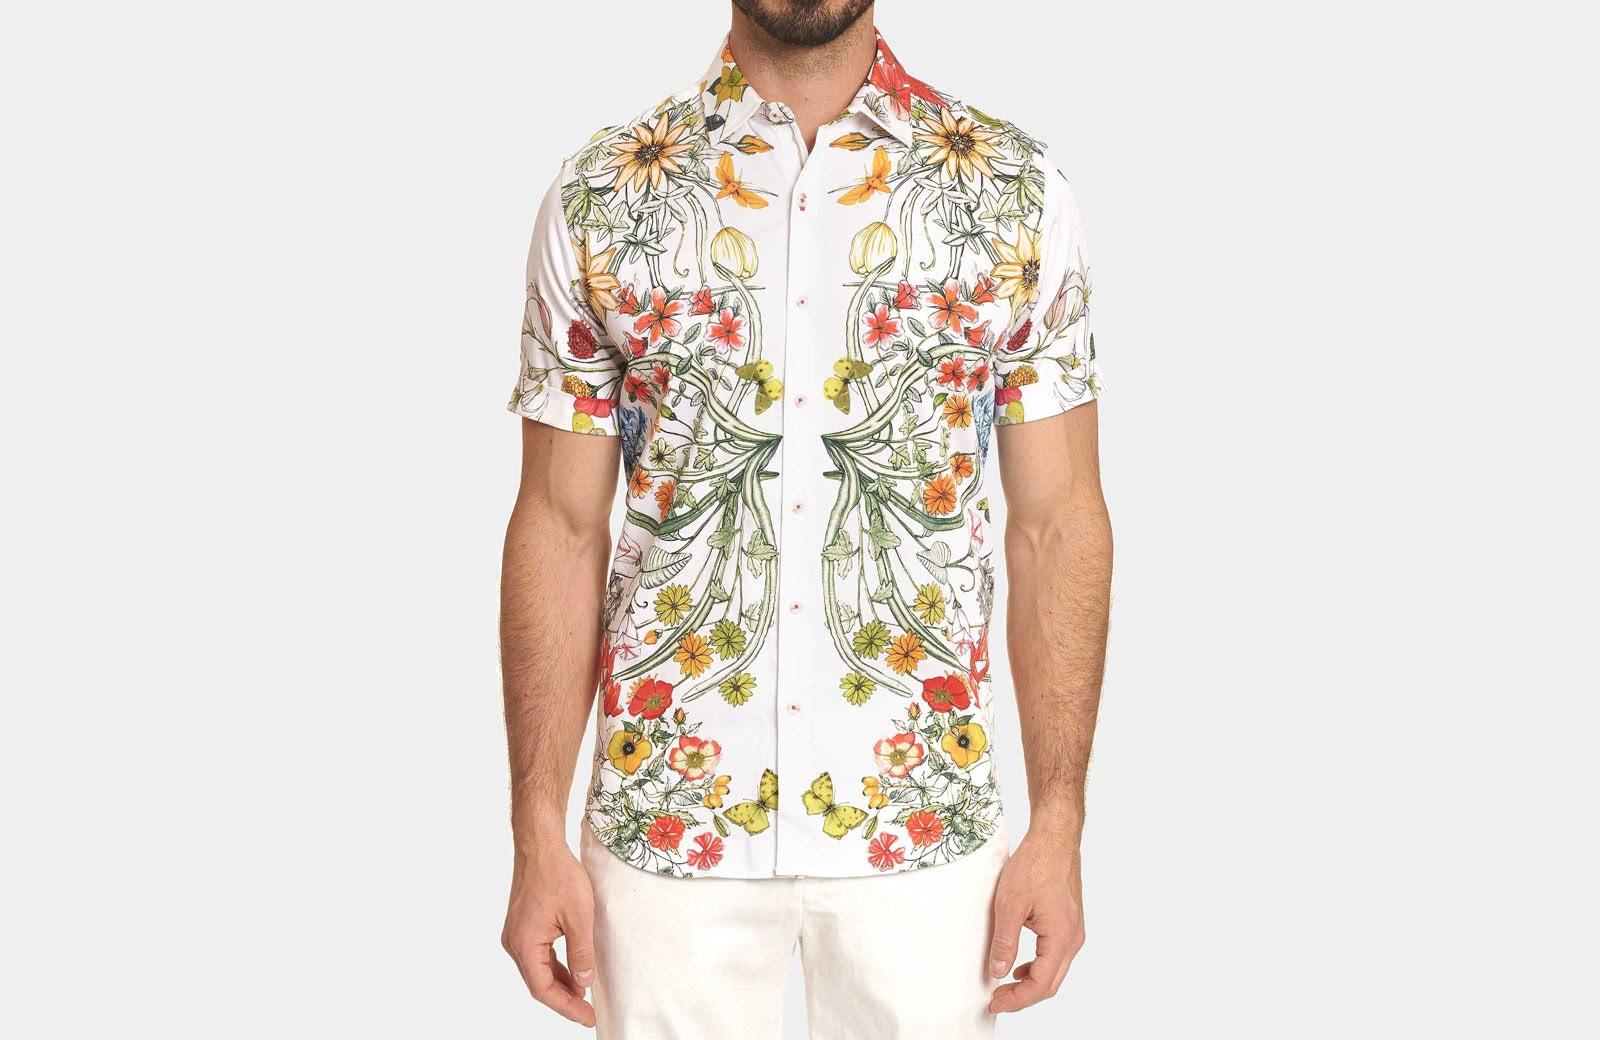 Robert Graham best men summer designer short sleeve shirt floral pattern - Luxe Digital